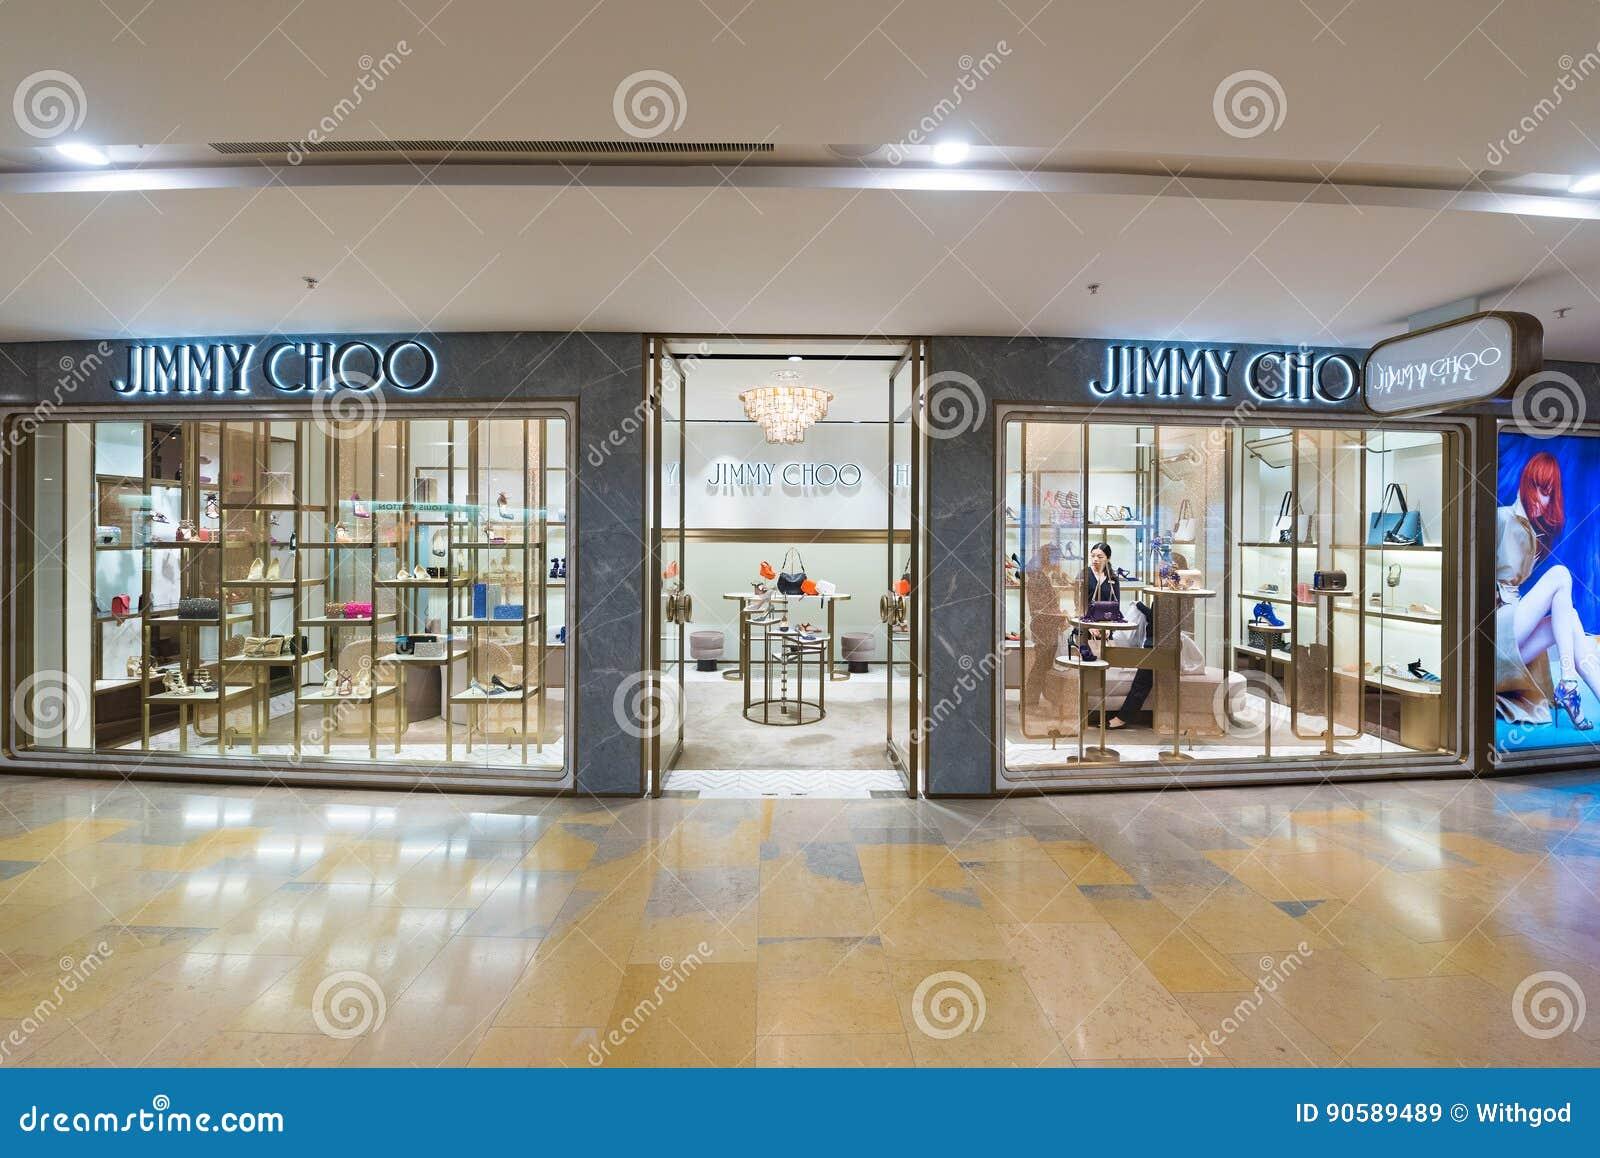 2f4a0857c49 HONG KONG - 17 DE MARÇO DE 2017  Uma loja de Jimmy Choo no shopping  pacífico do lugar Jimmy Choo é uma casa de alta-costura britânica que  especializa-se nas ...